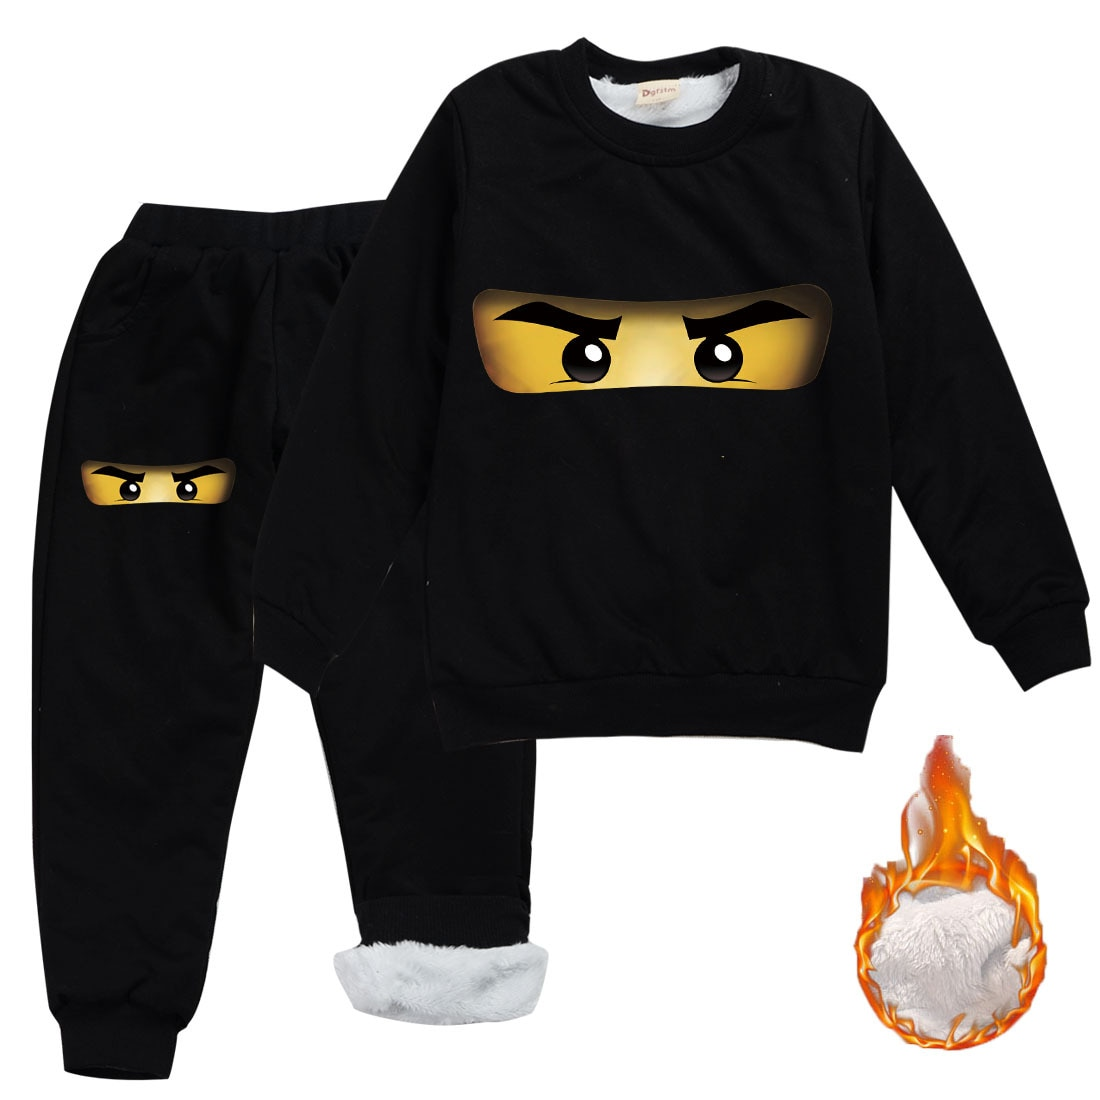 Z & Y 2-16Y 2020 hiver garçons vêtements ensembles enfants legos survêtements enfants Ninjagoed sweat + pantalon 2 pièces ensemble filles tenues